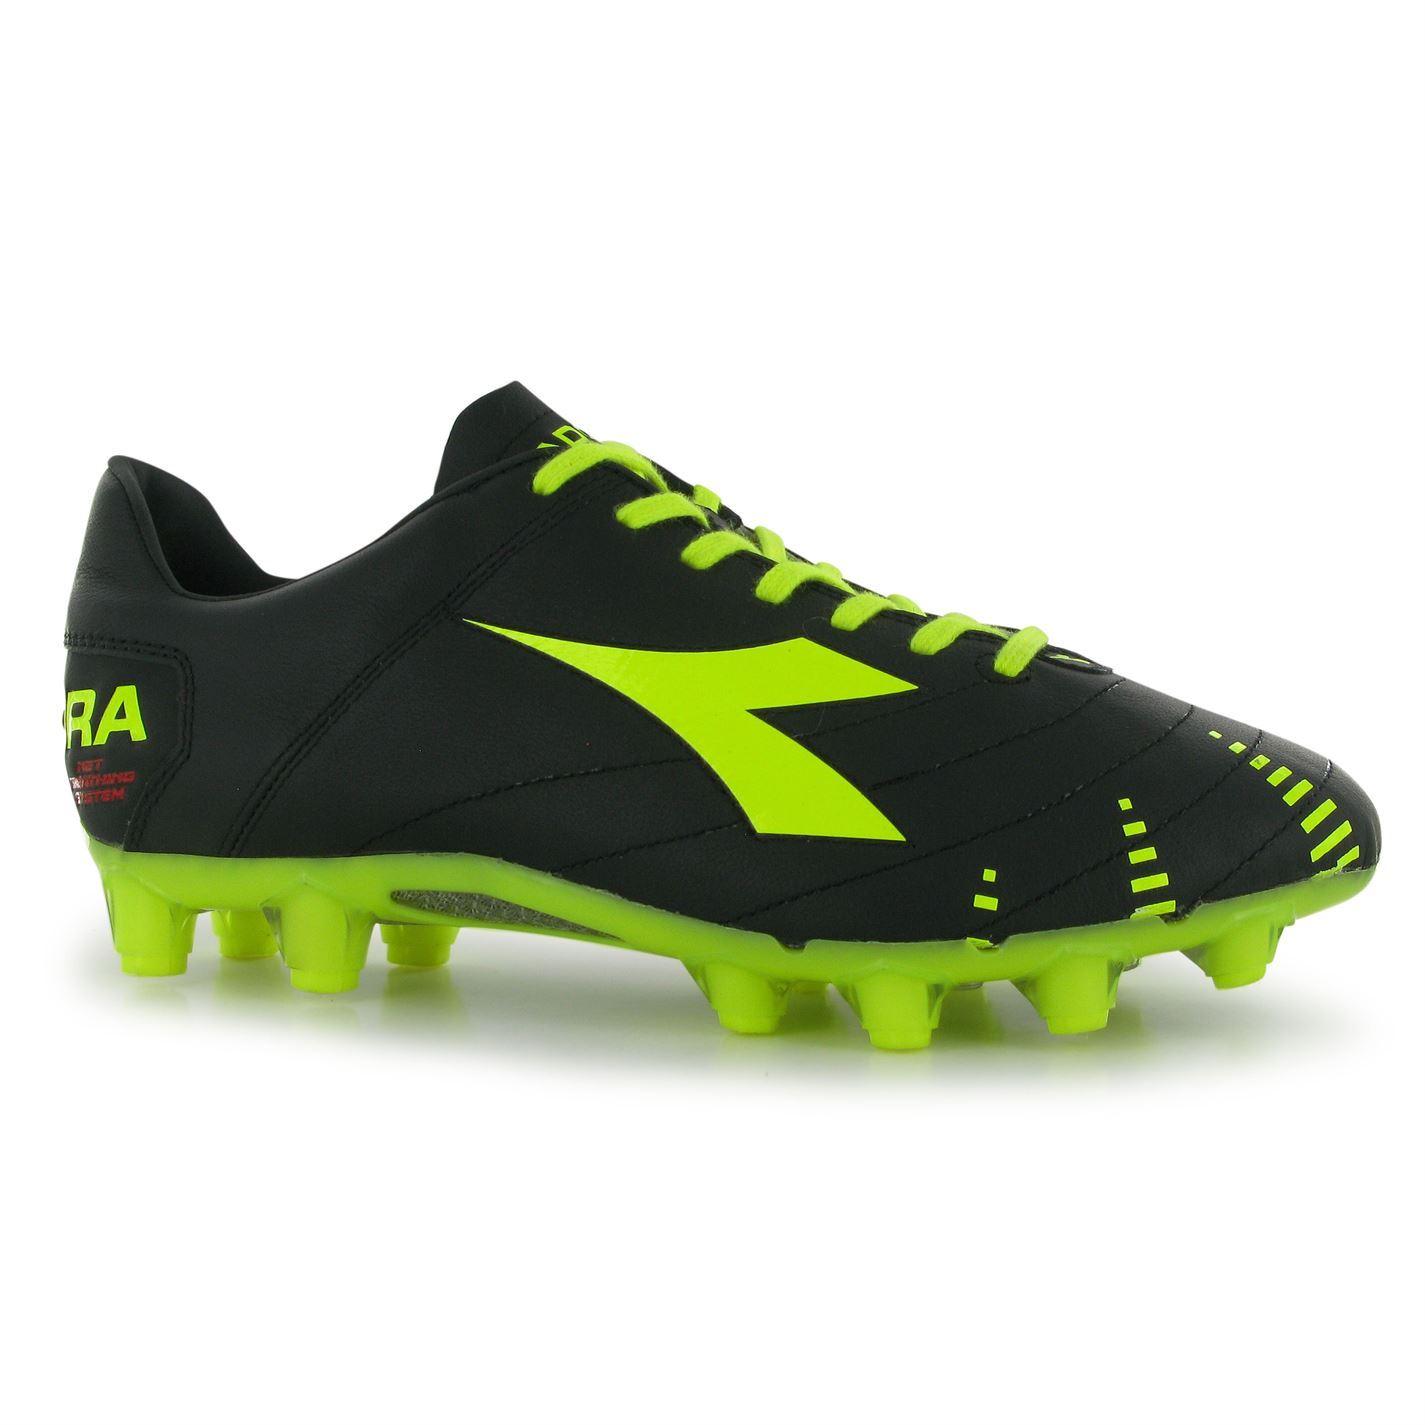 diadora football boots - photo #21